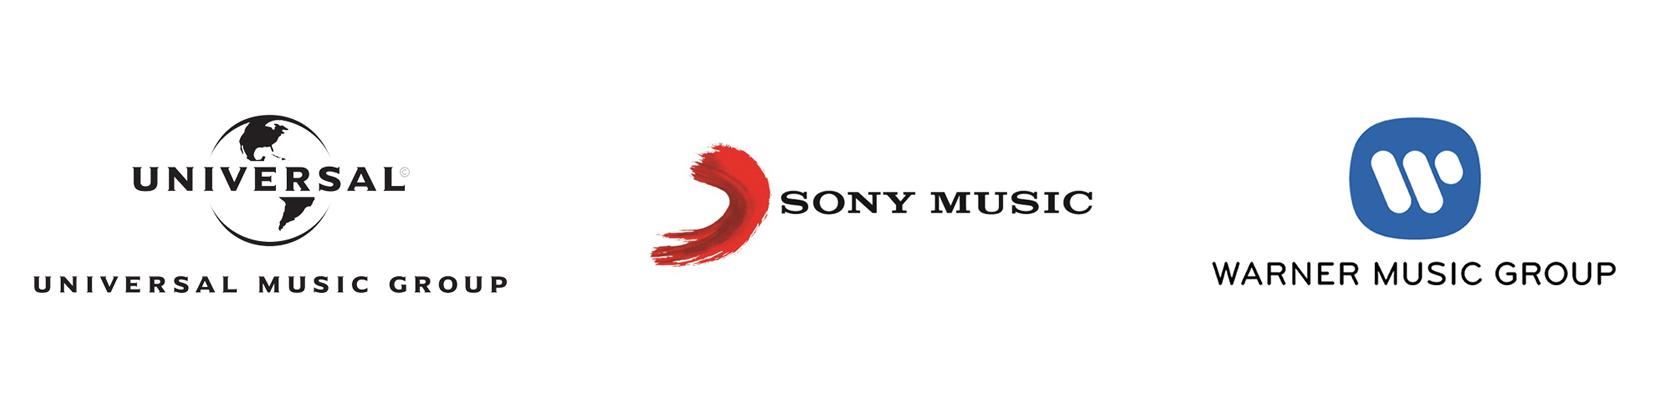 music_label_logos.jpg